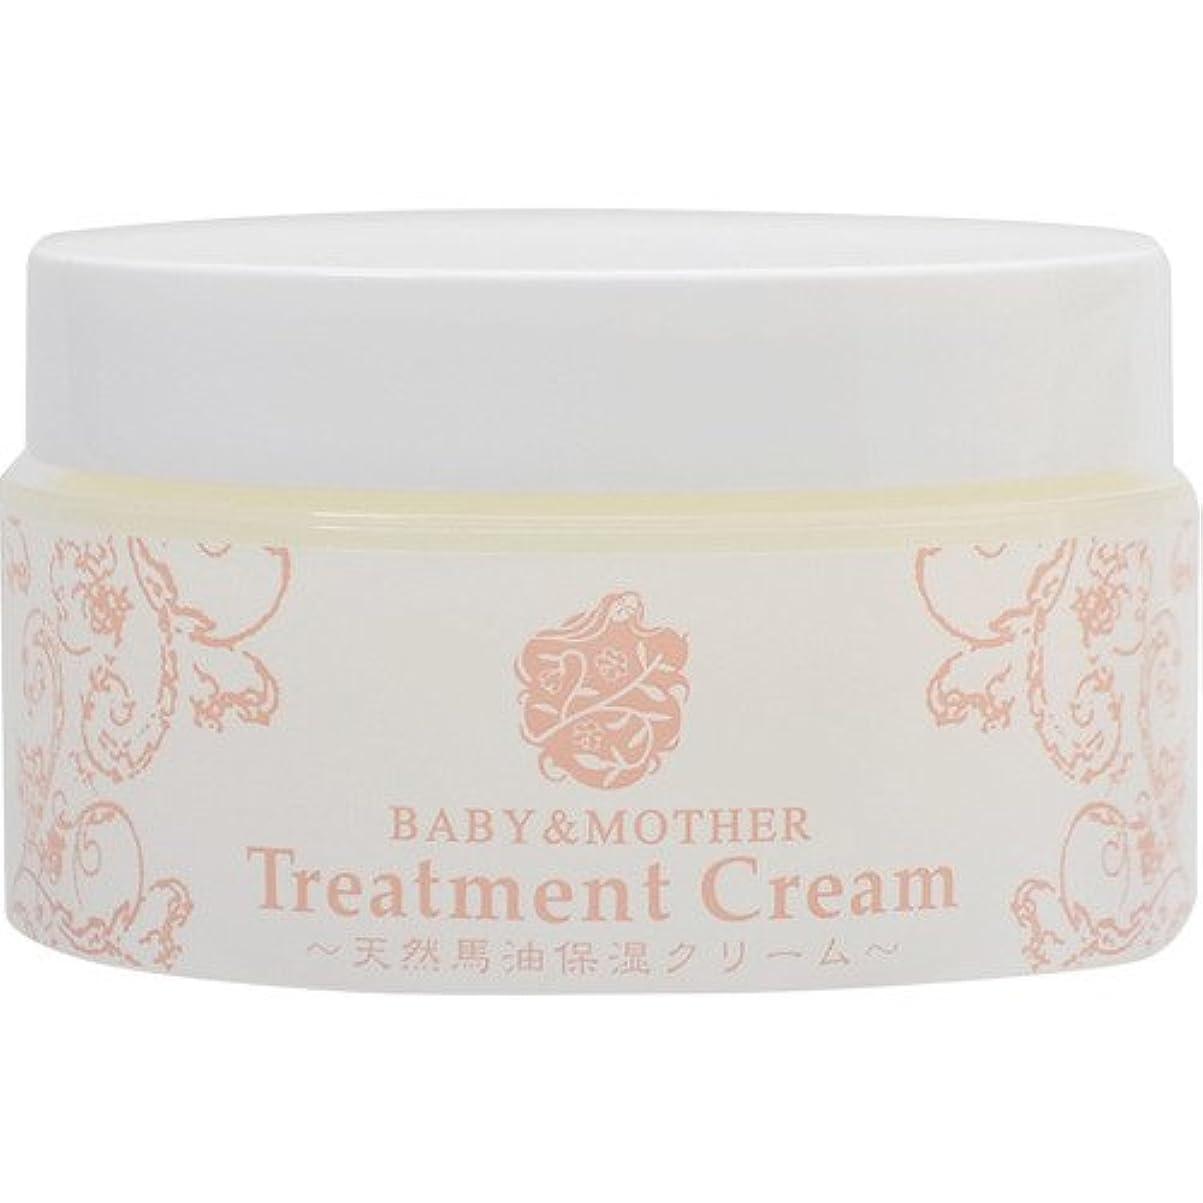 ヒゲ乗算マーティフィールディングBABY&MOTHER Treatment Cream 天然馬油保湿クリーム 80g